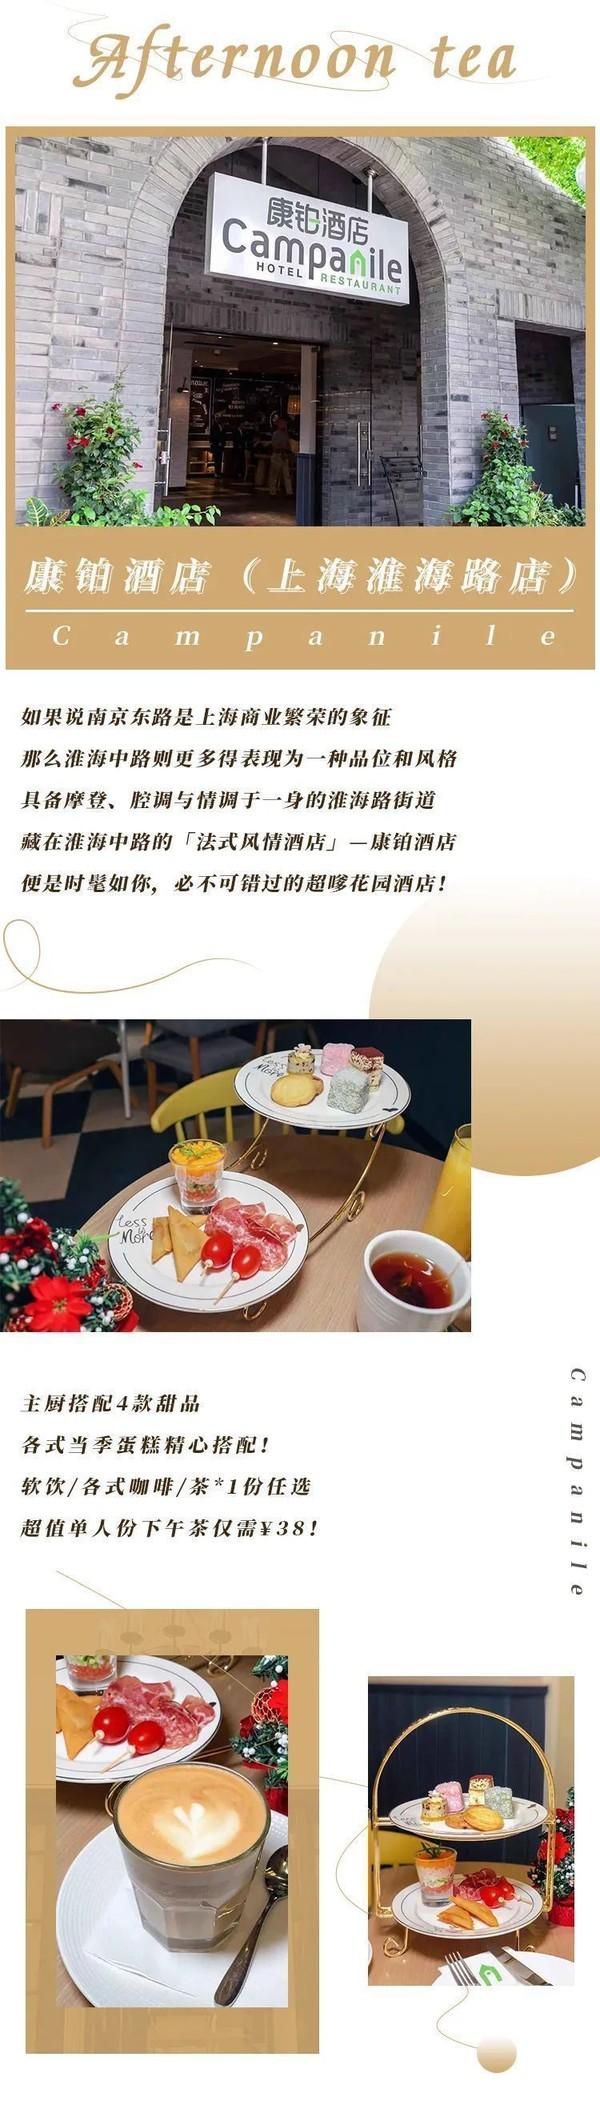 有效期至2022年!上海淮海路康铂酒店单人下午茶